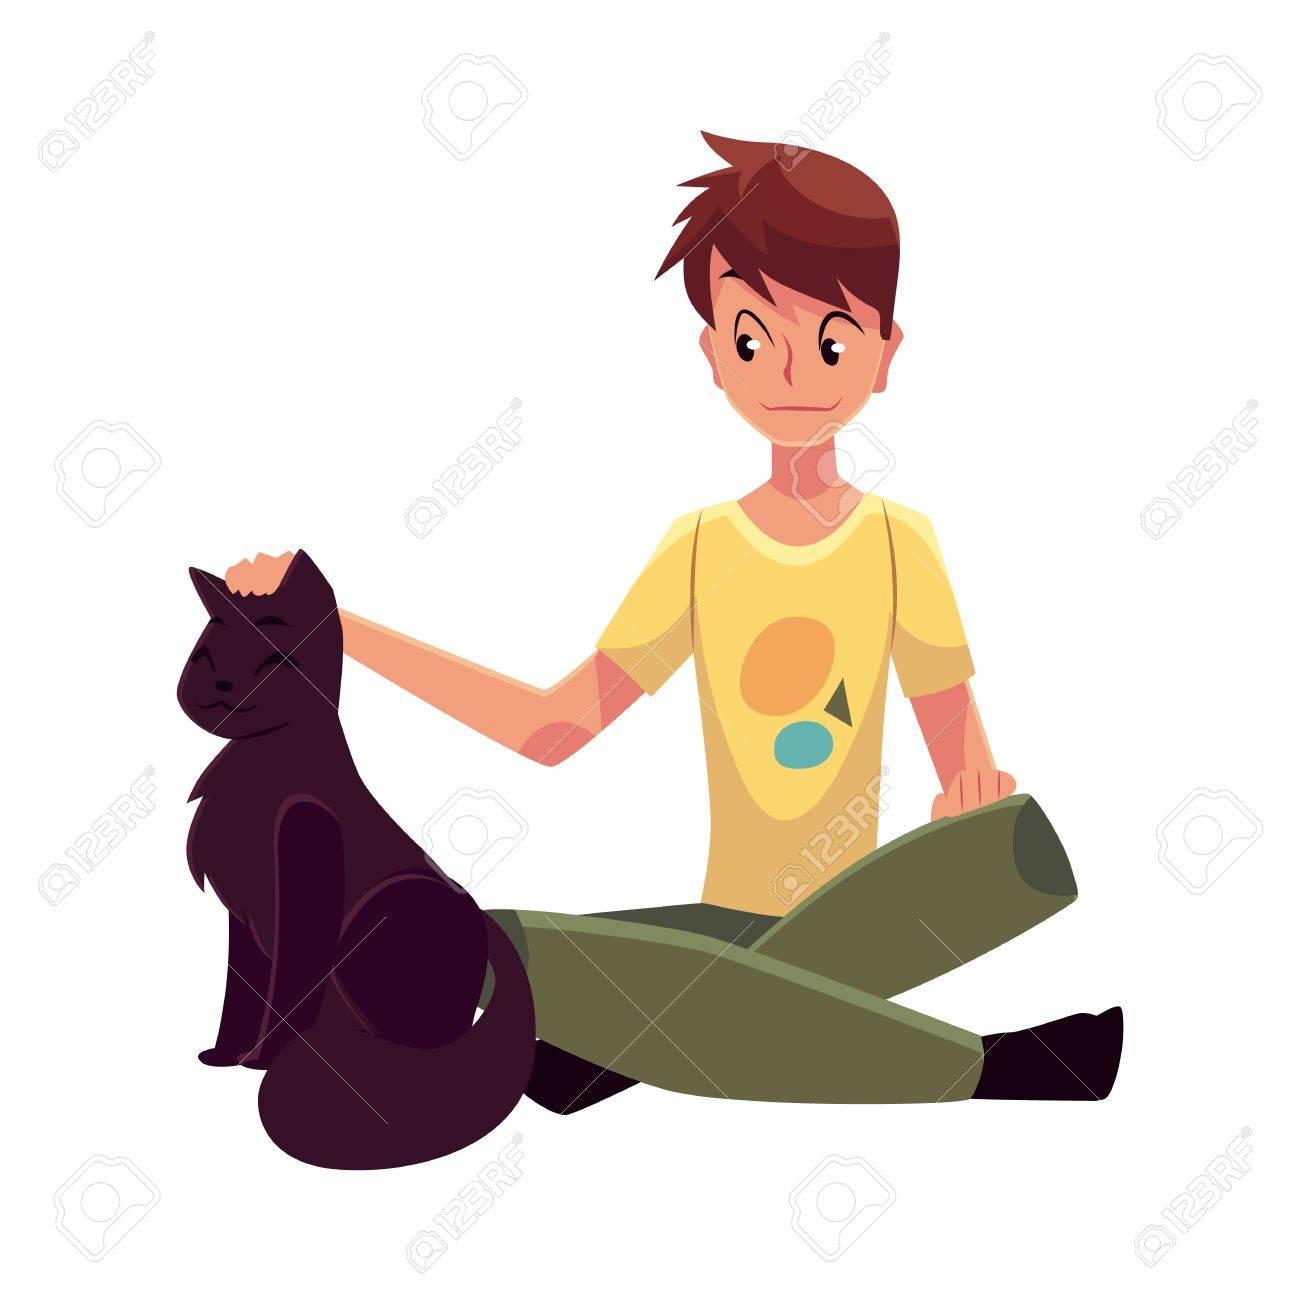 Un Adolescent Assis Sur Le Sol Et De Caresser Un Gros Chat Noir